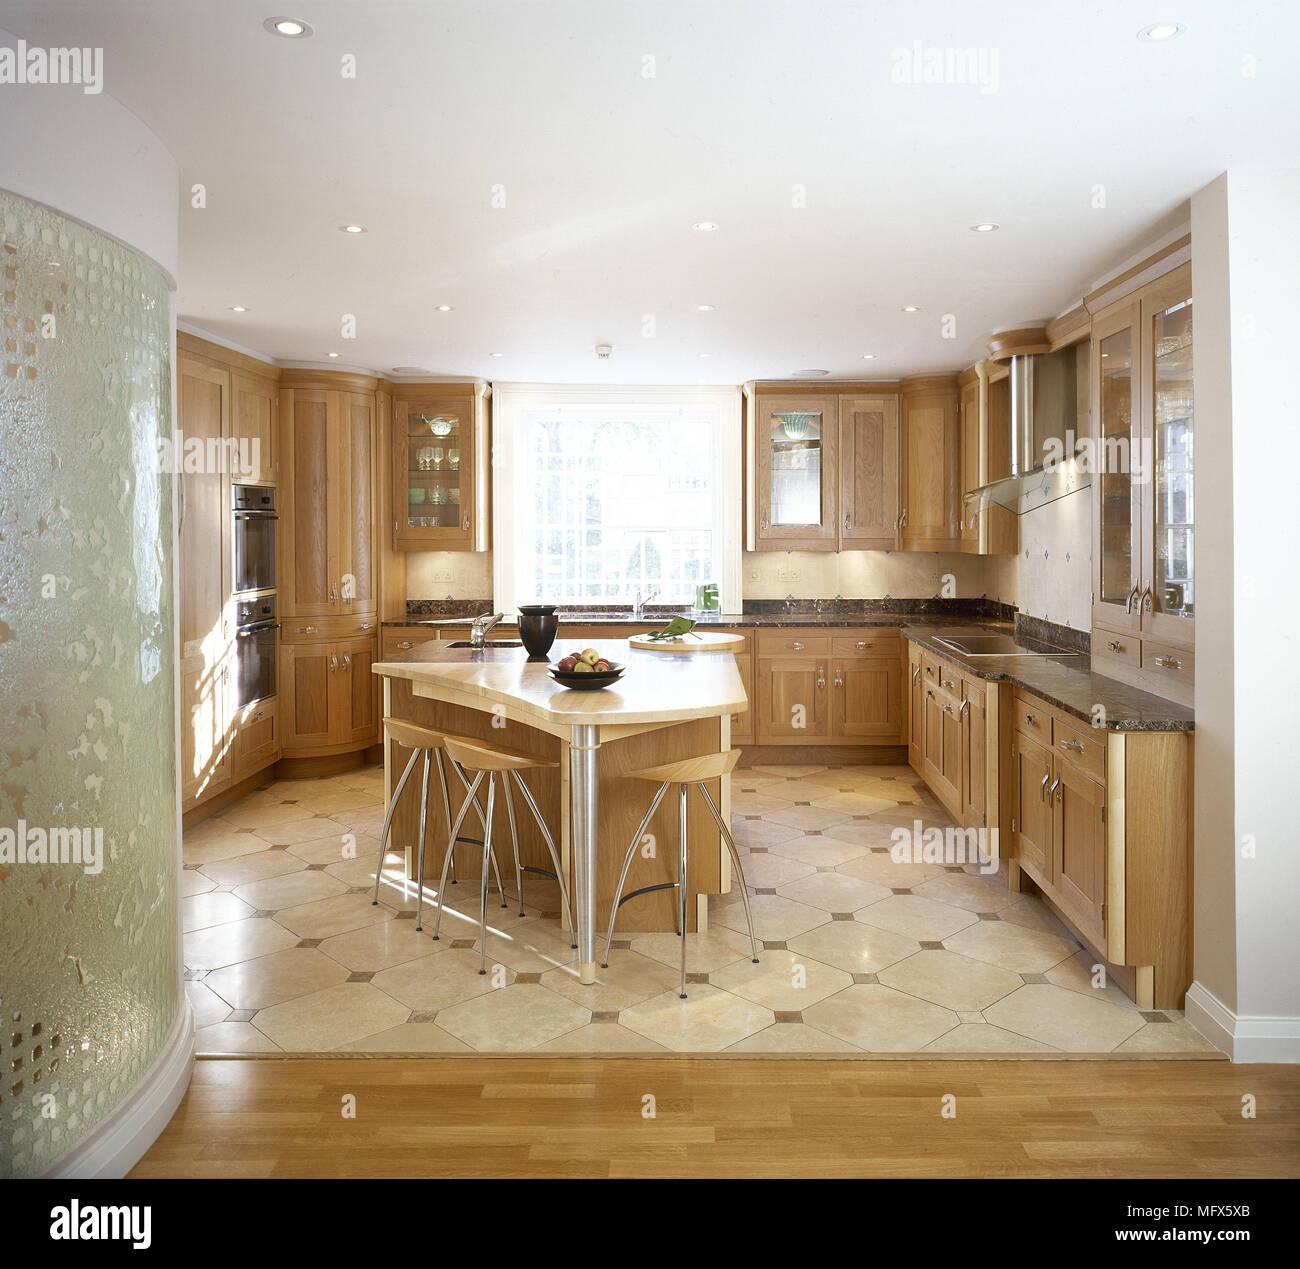 Cucina moderna con pavimento piastrellato, armadi in legno isola ...